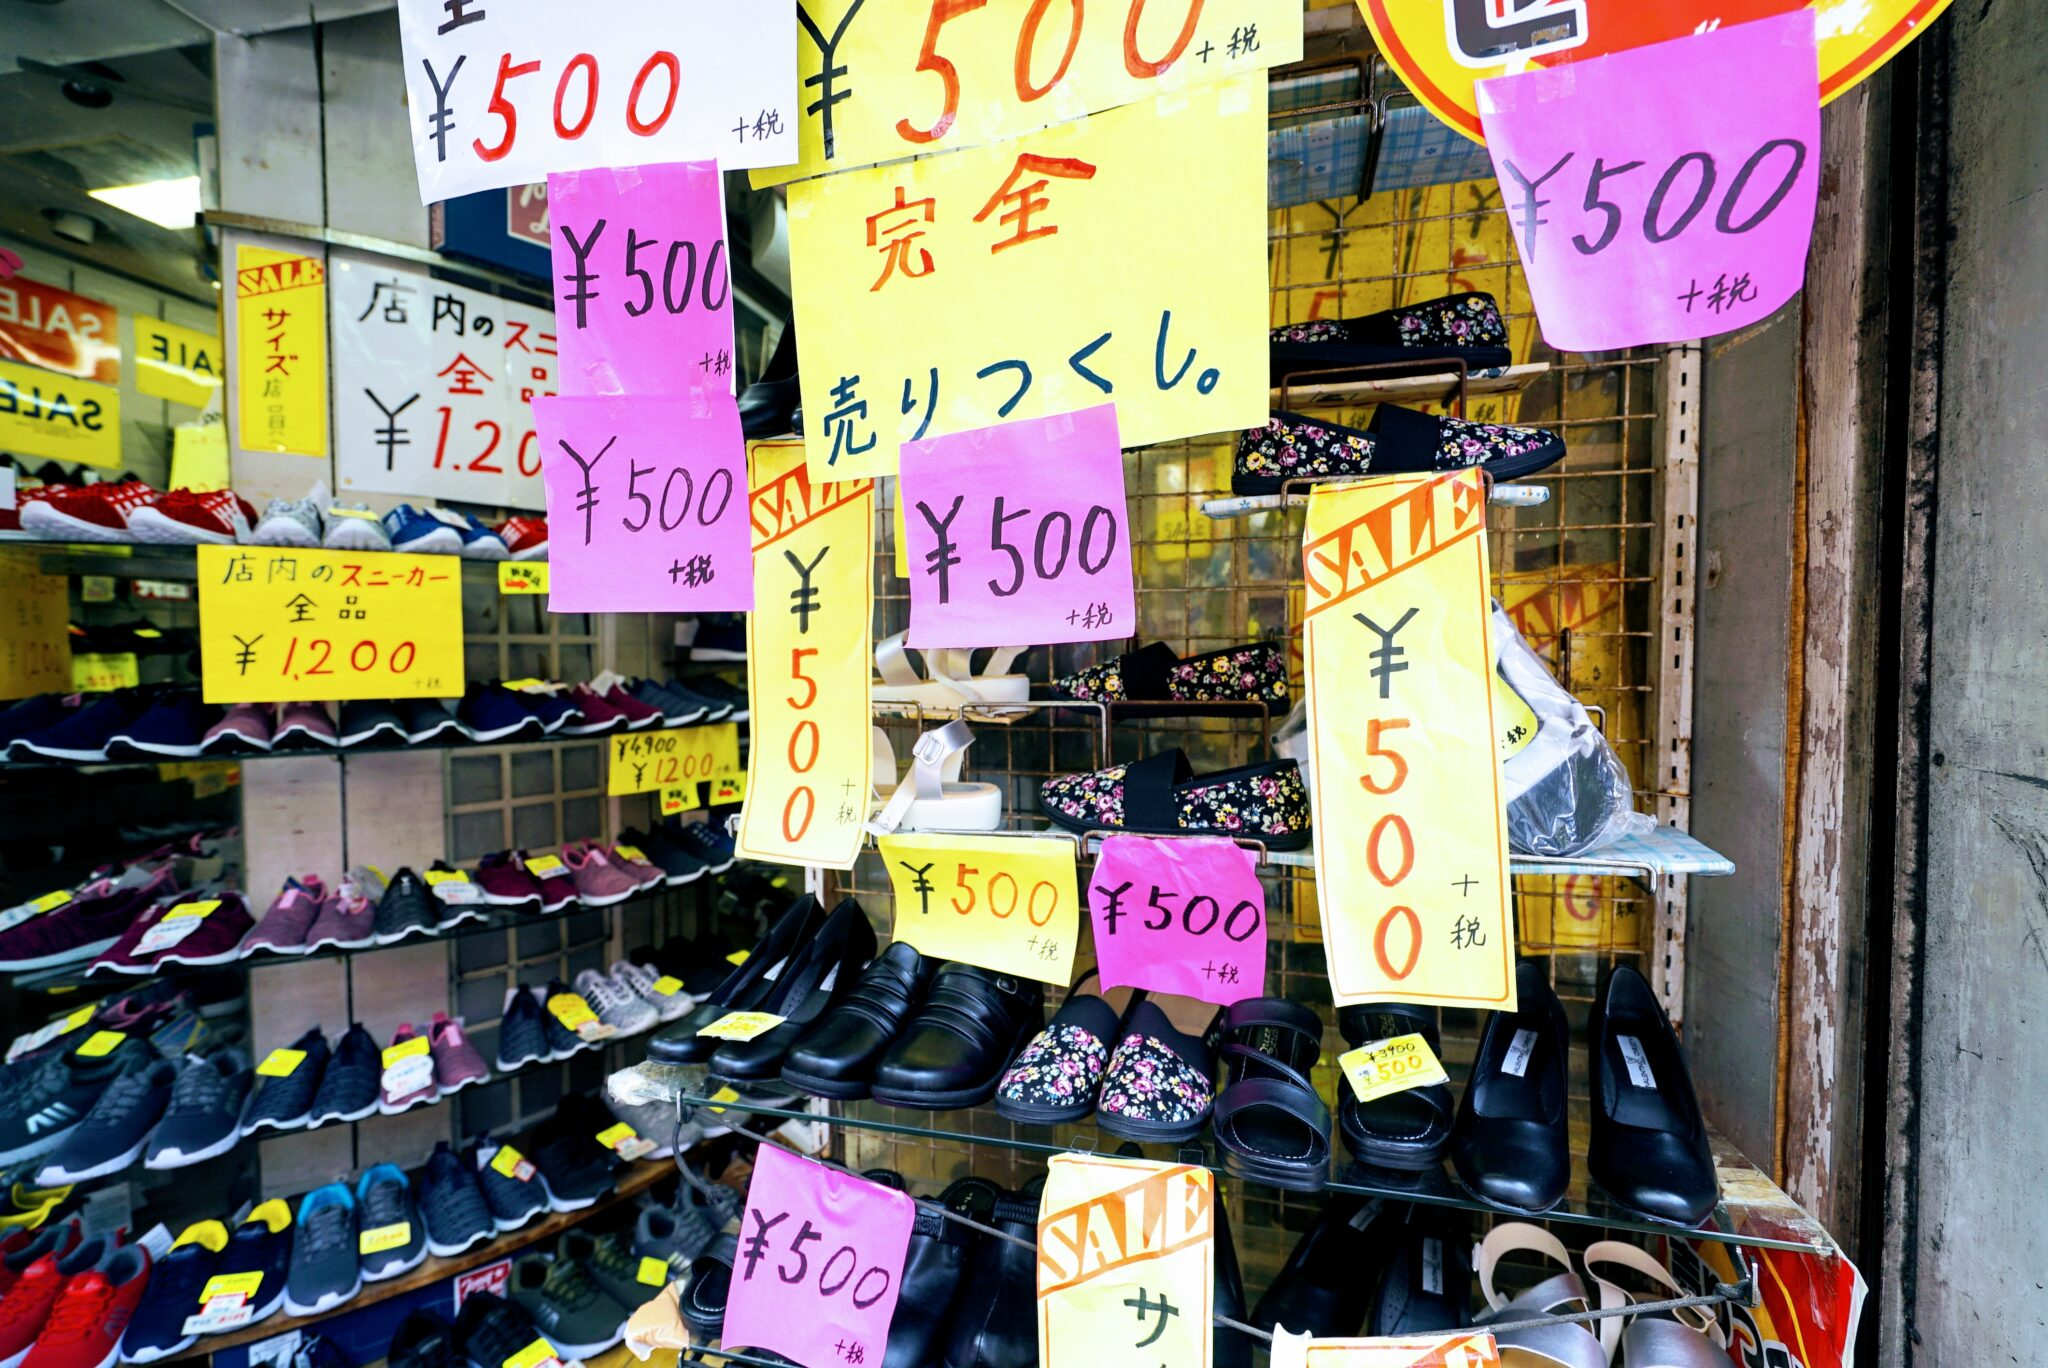 【靴のイイダ・中通り店】500円商品